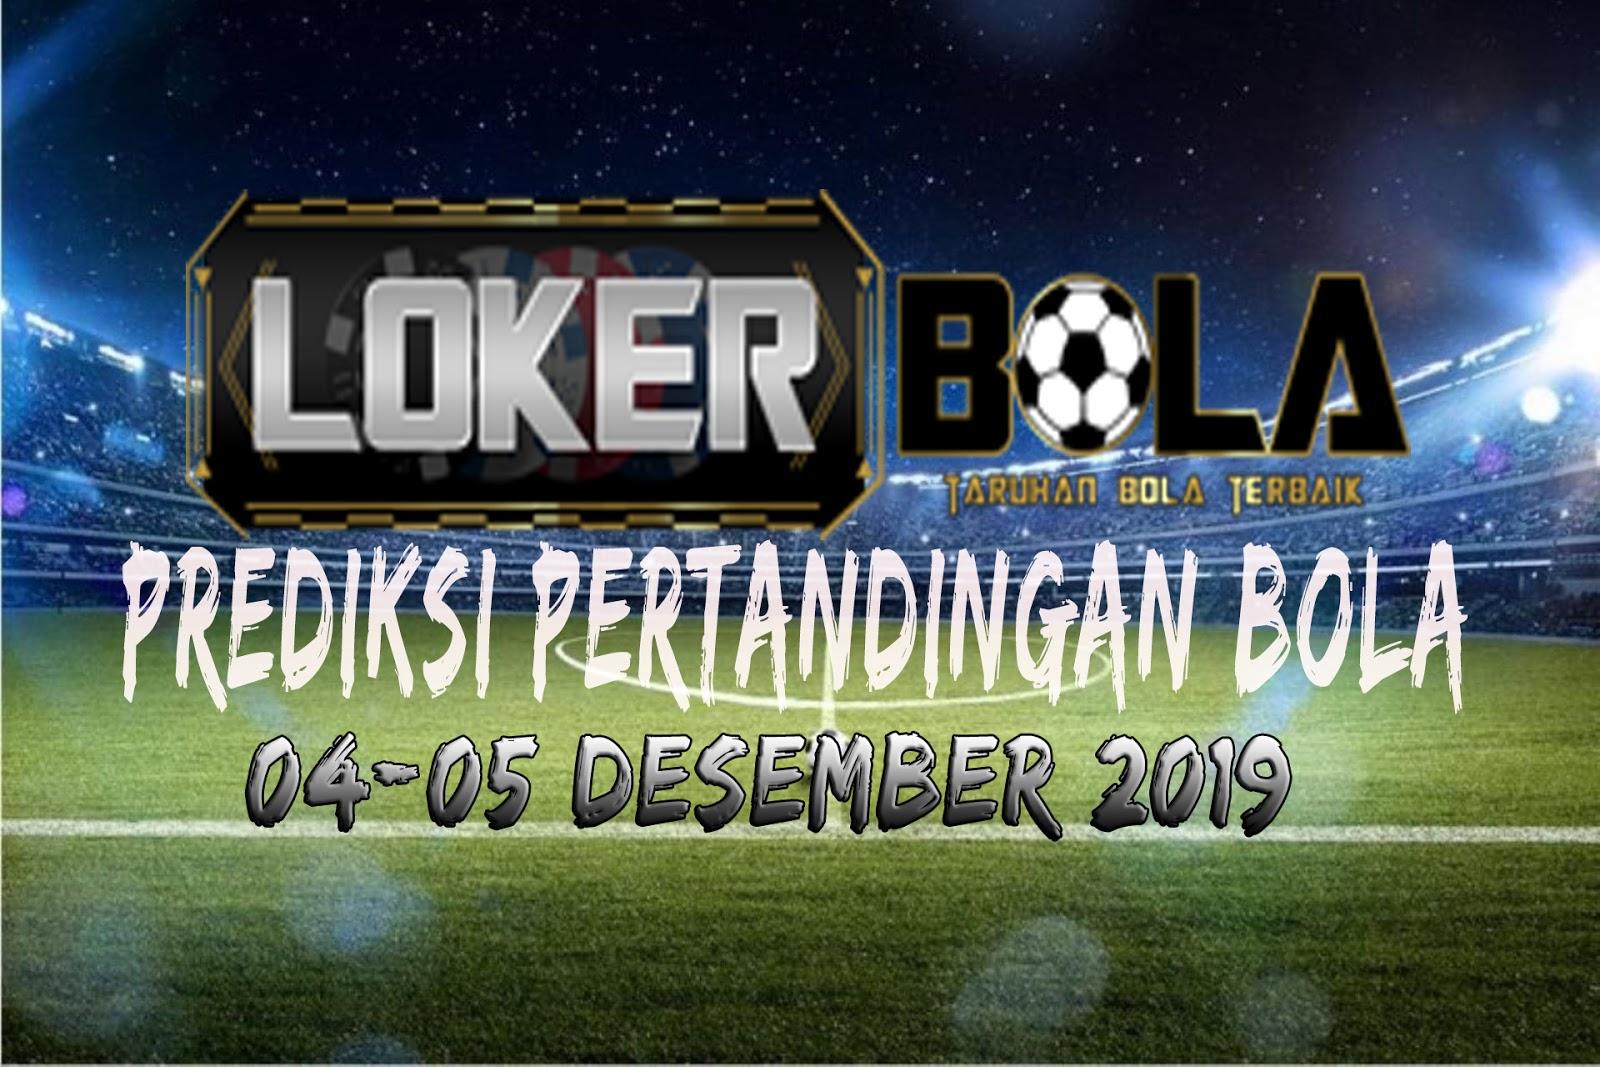 PREDIKSI PERTANDINGAN BOLA 04 – 05 DESEMBER 2019